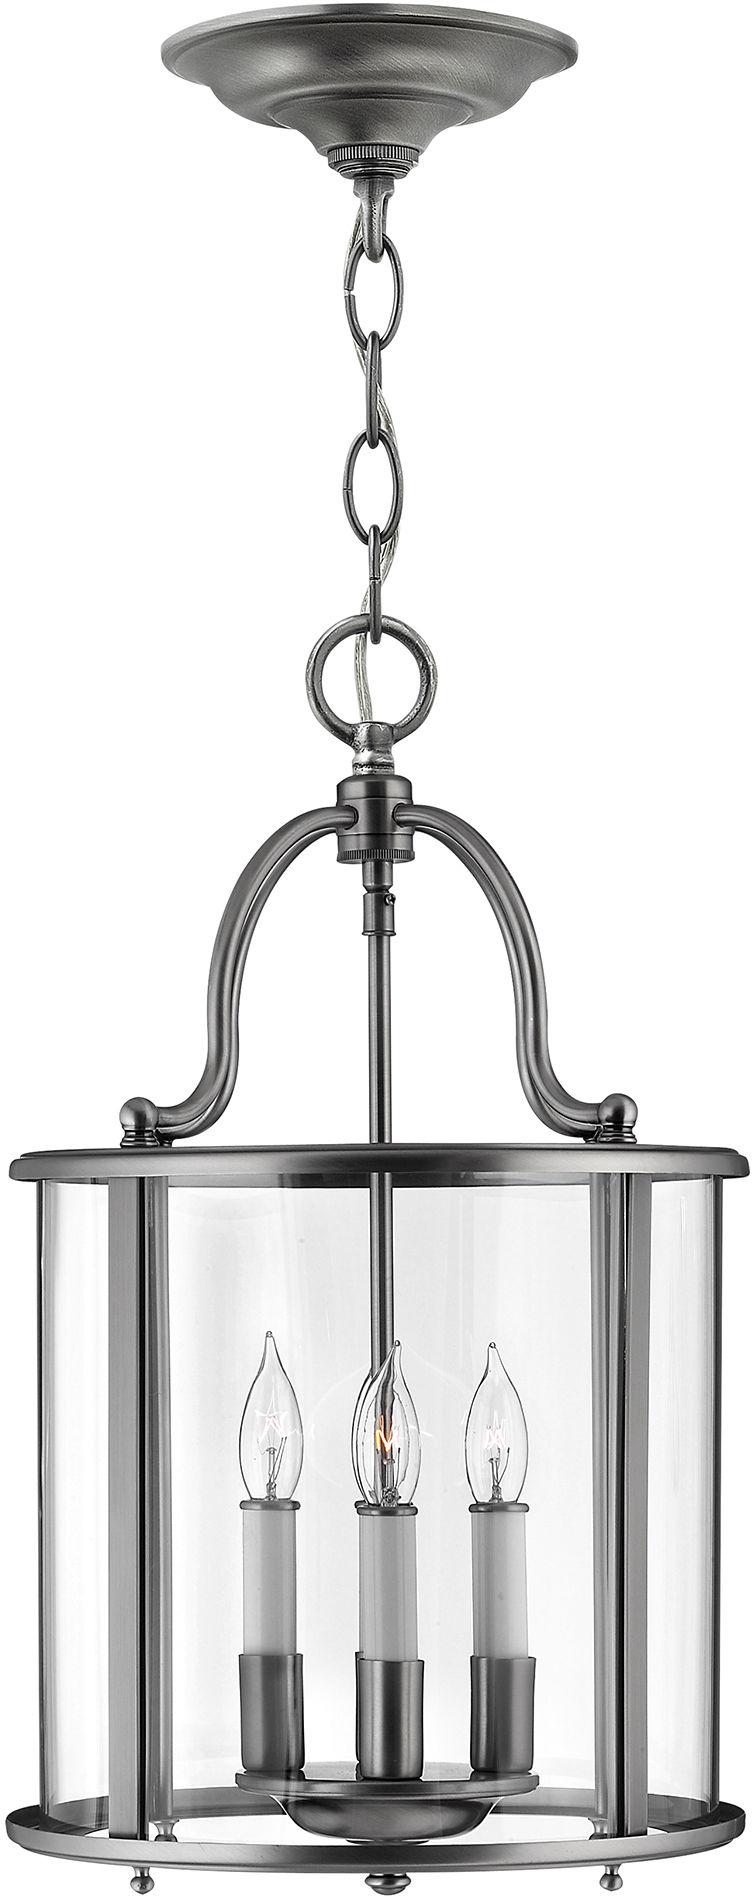 Lampa wisząca Gentry HK/GENTRY/P/M PW Hinkley klasyczna oprawa w dekoracyjnym stylu